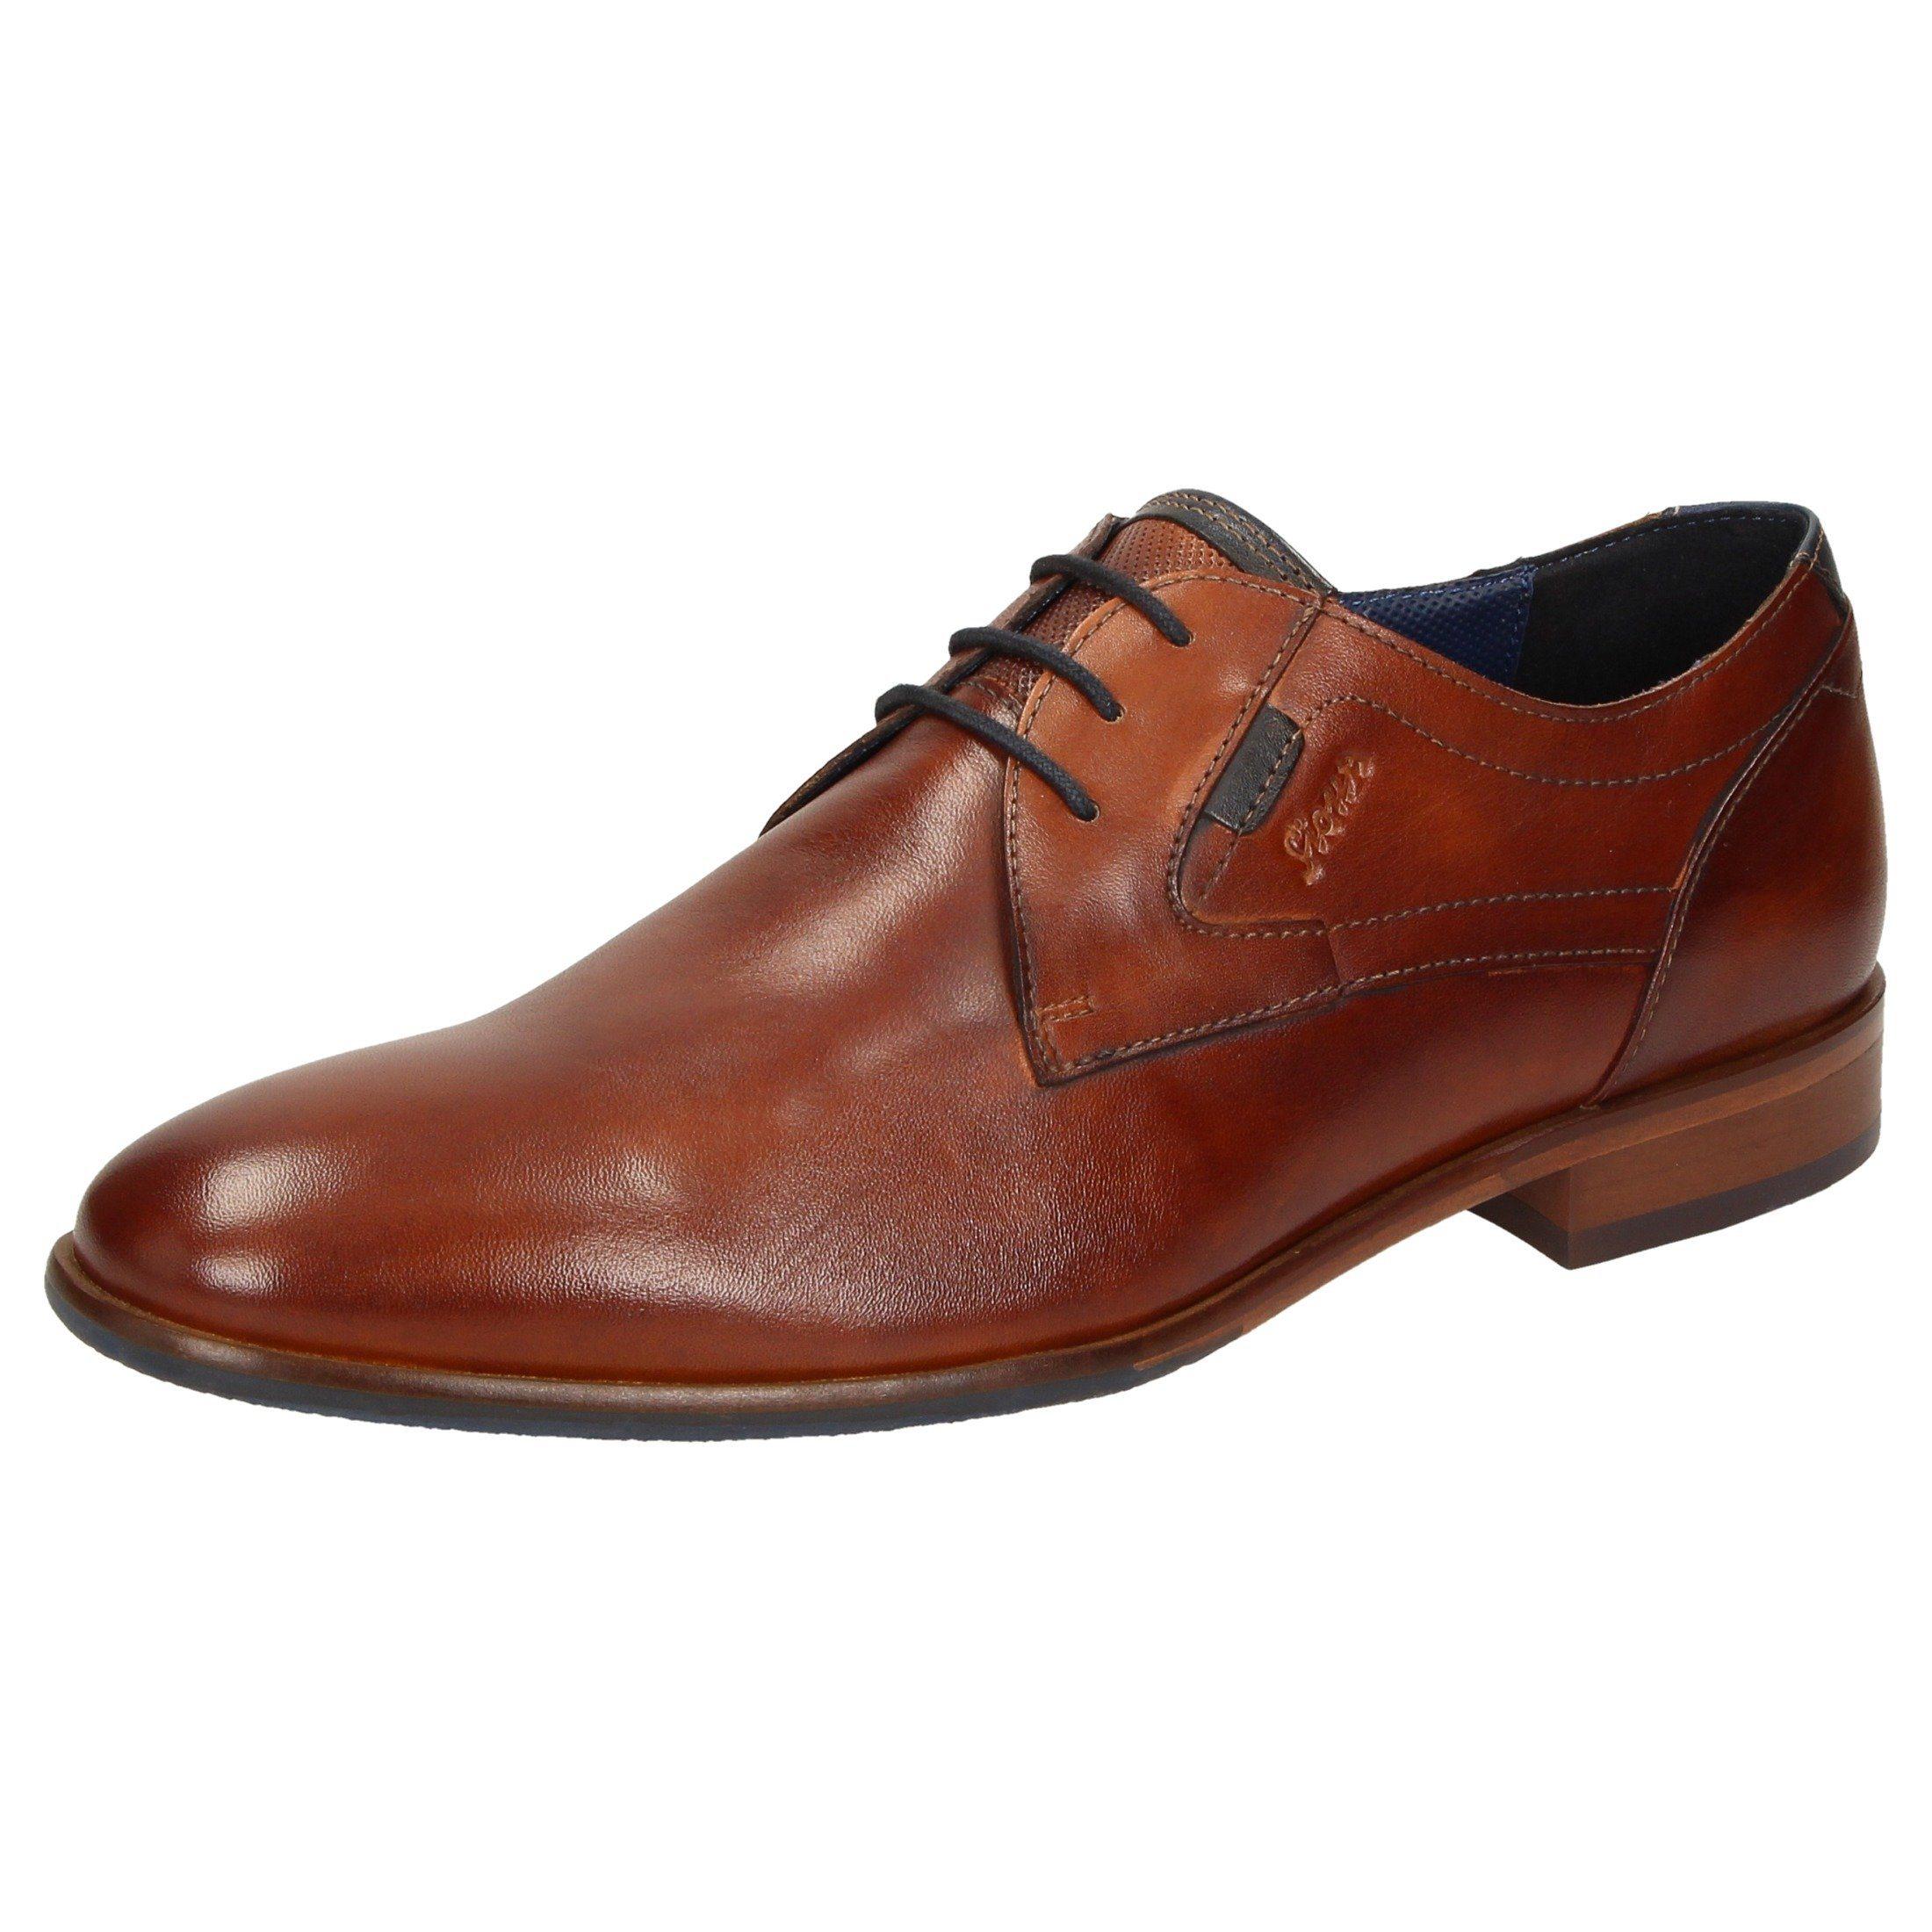 SIOUX Schnürschuh Quintero-700   Schuhe > Schnürschuhe   Braun   Sioux